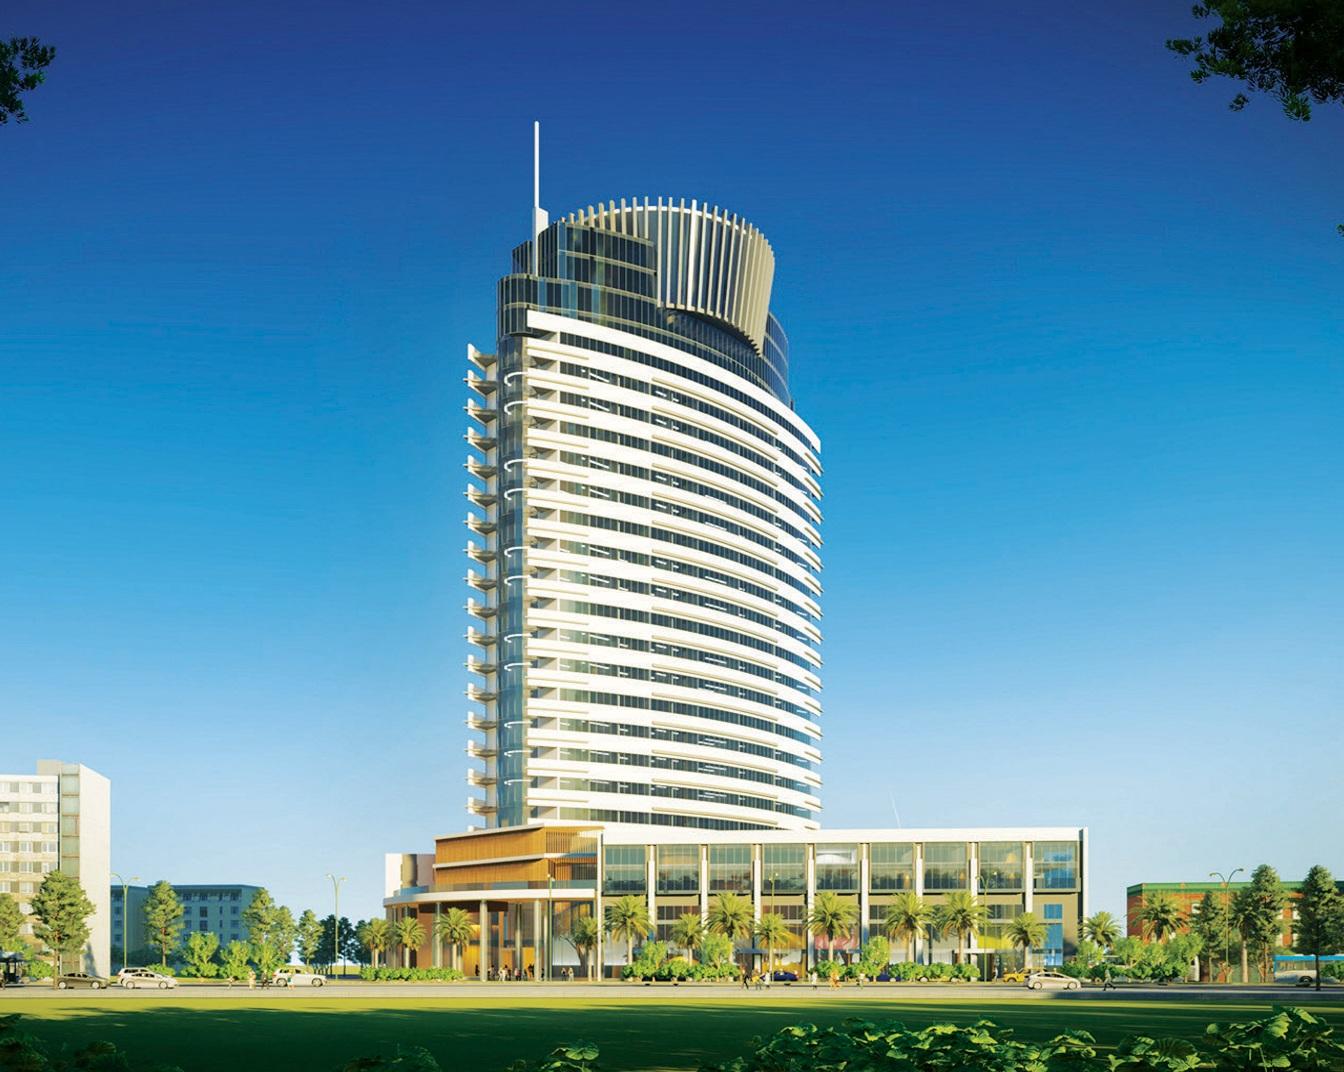 Công trình Tổ hợp khách sạn, thương mại 30 Tầng Bắc Ninh